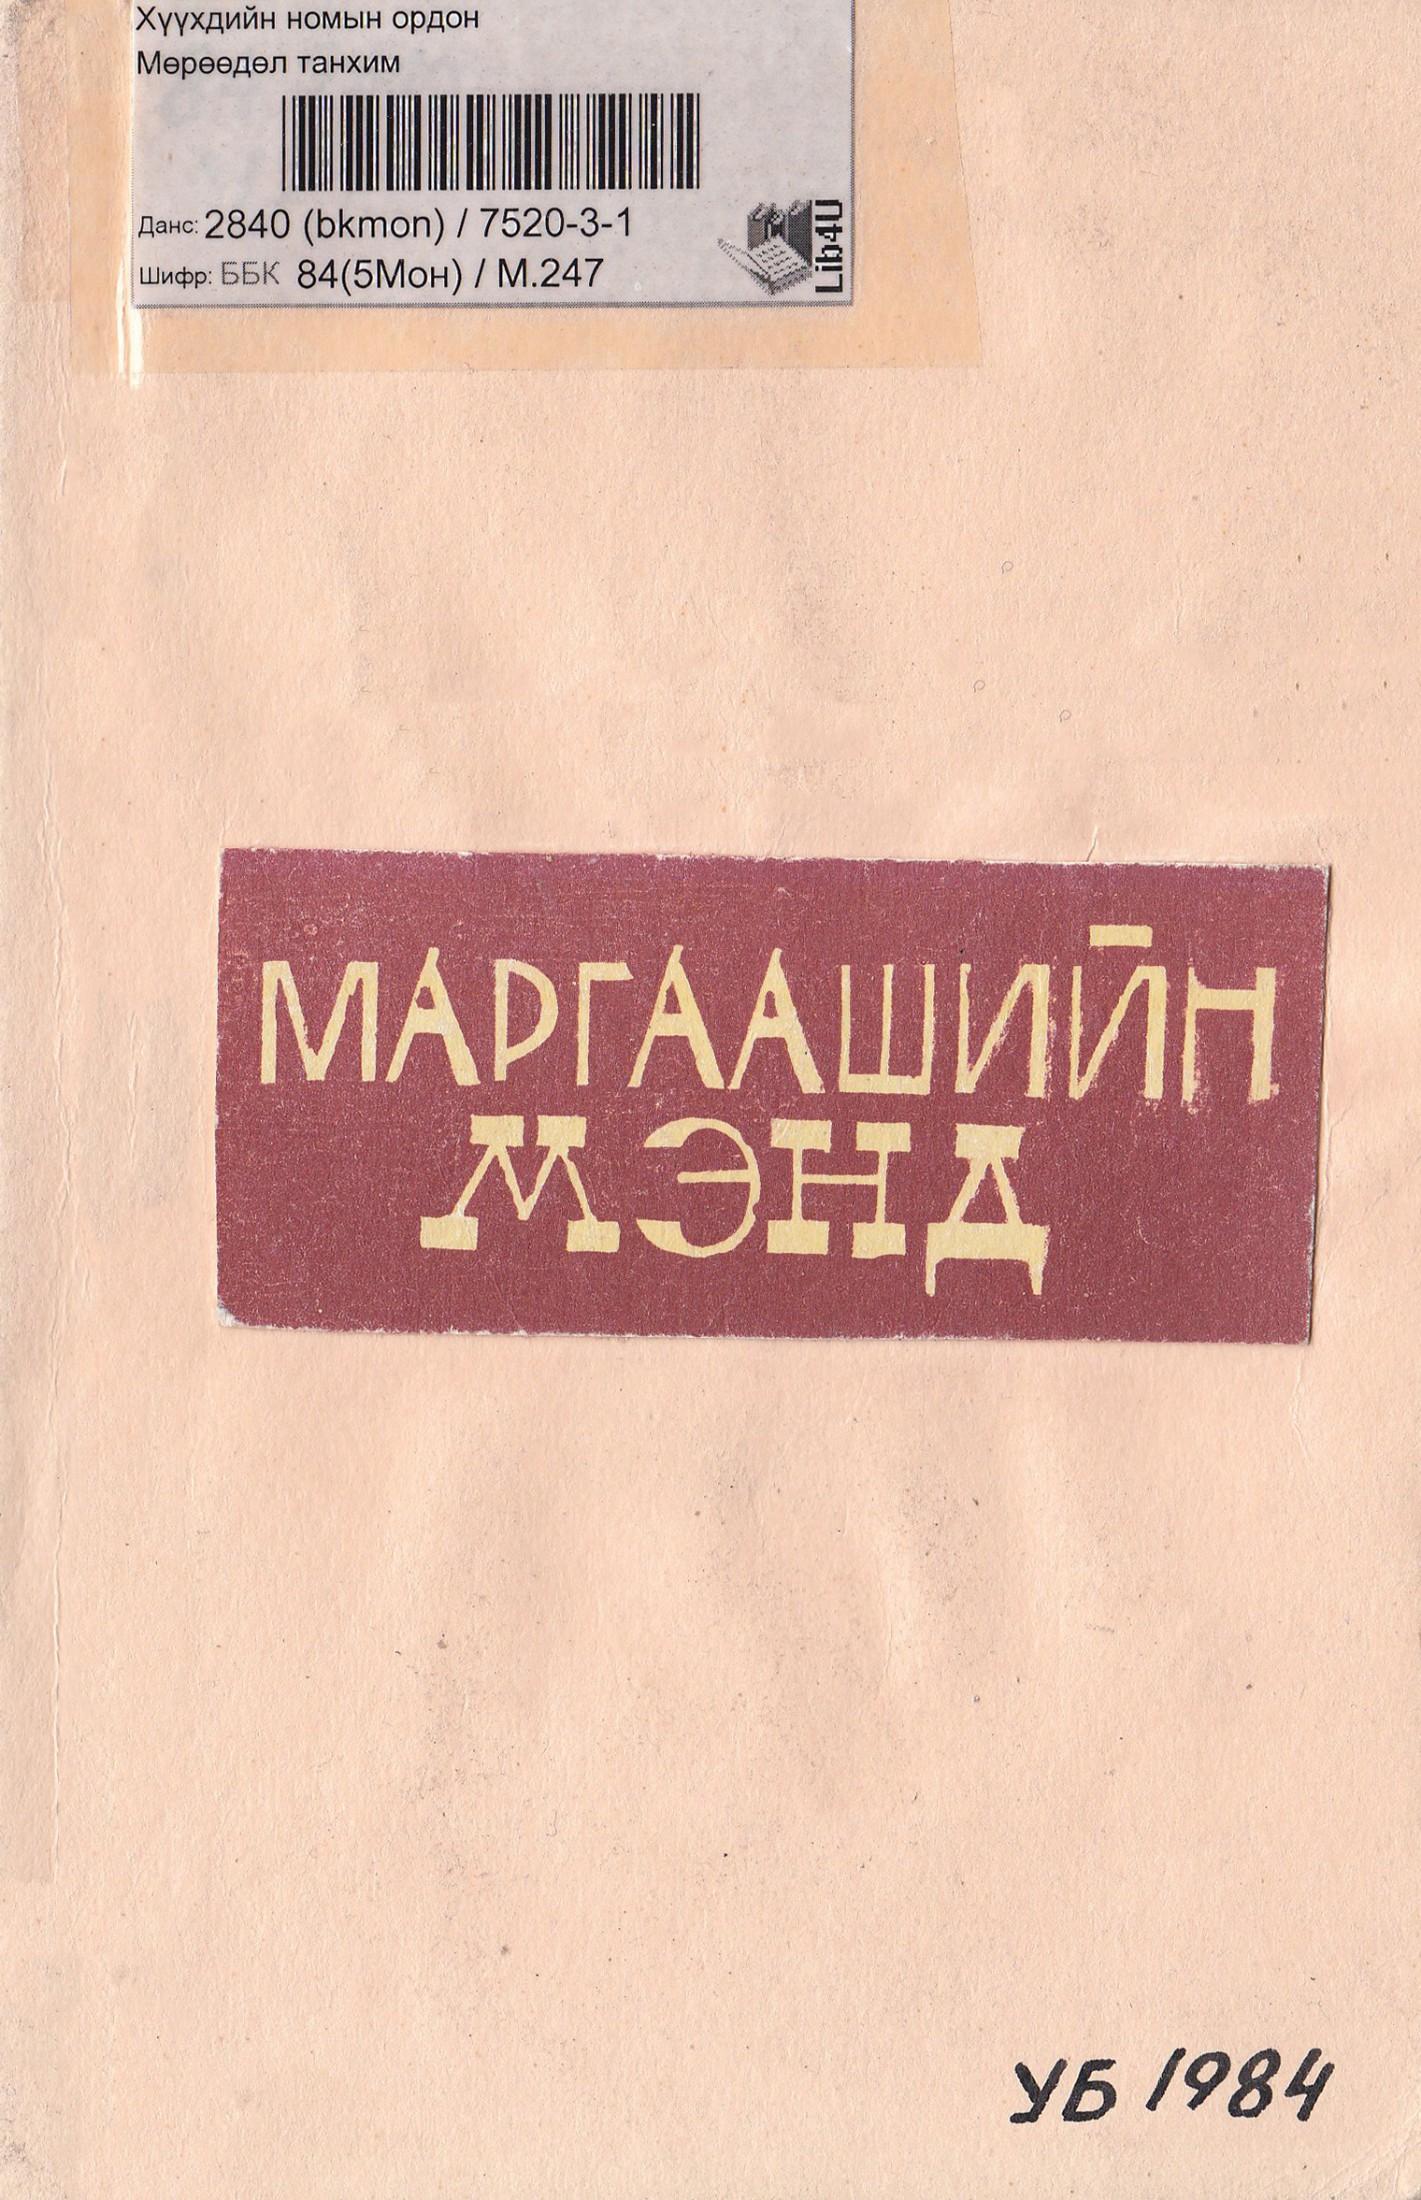 МАРГААШИЙН МЭНД